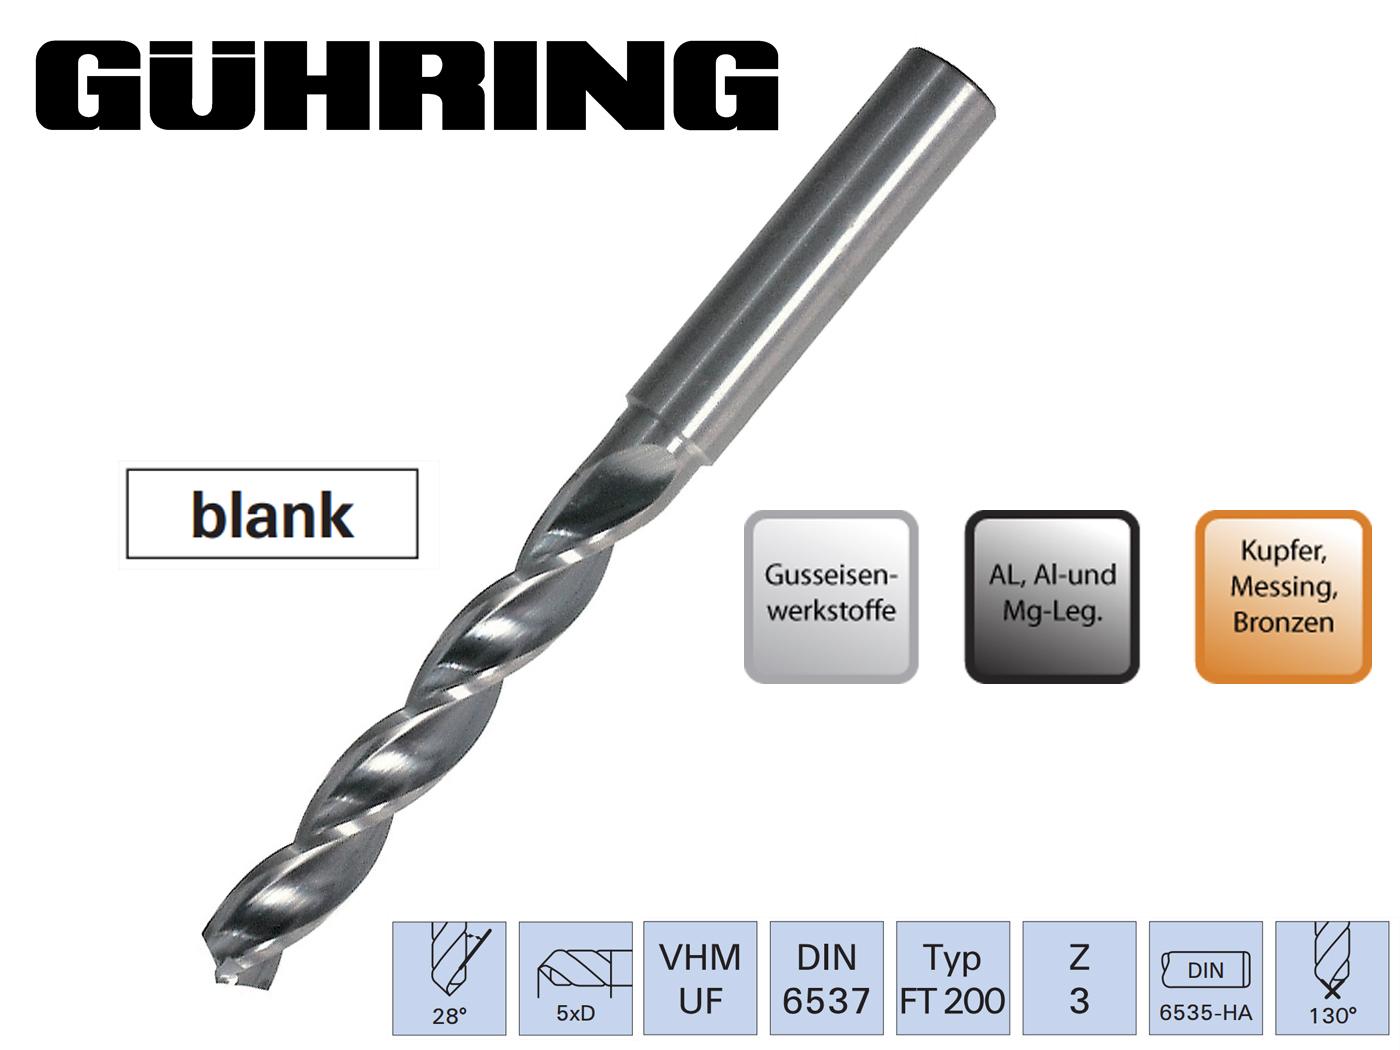 Superline Spiraalboor VHM Z3 5xD | DKMTools - DKM Tools